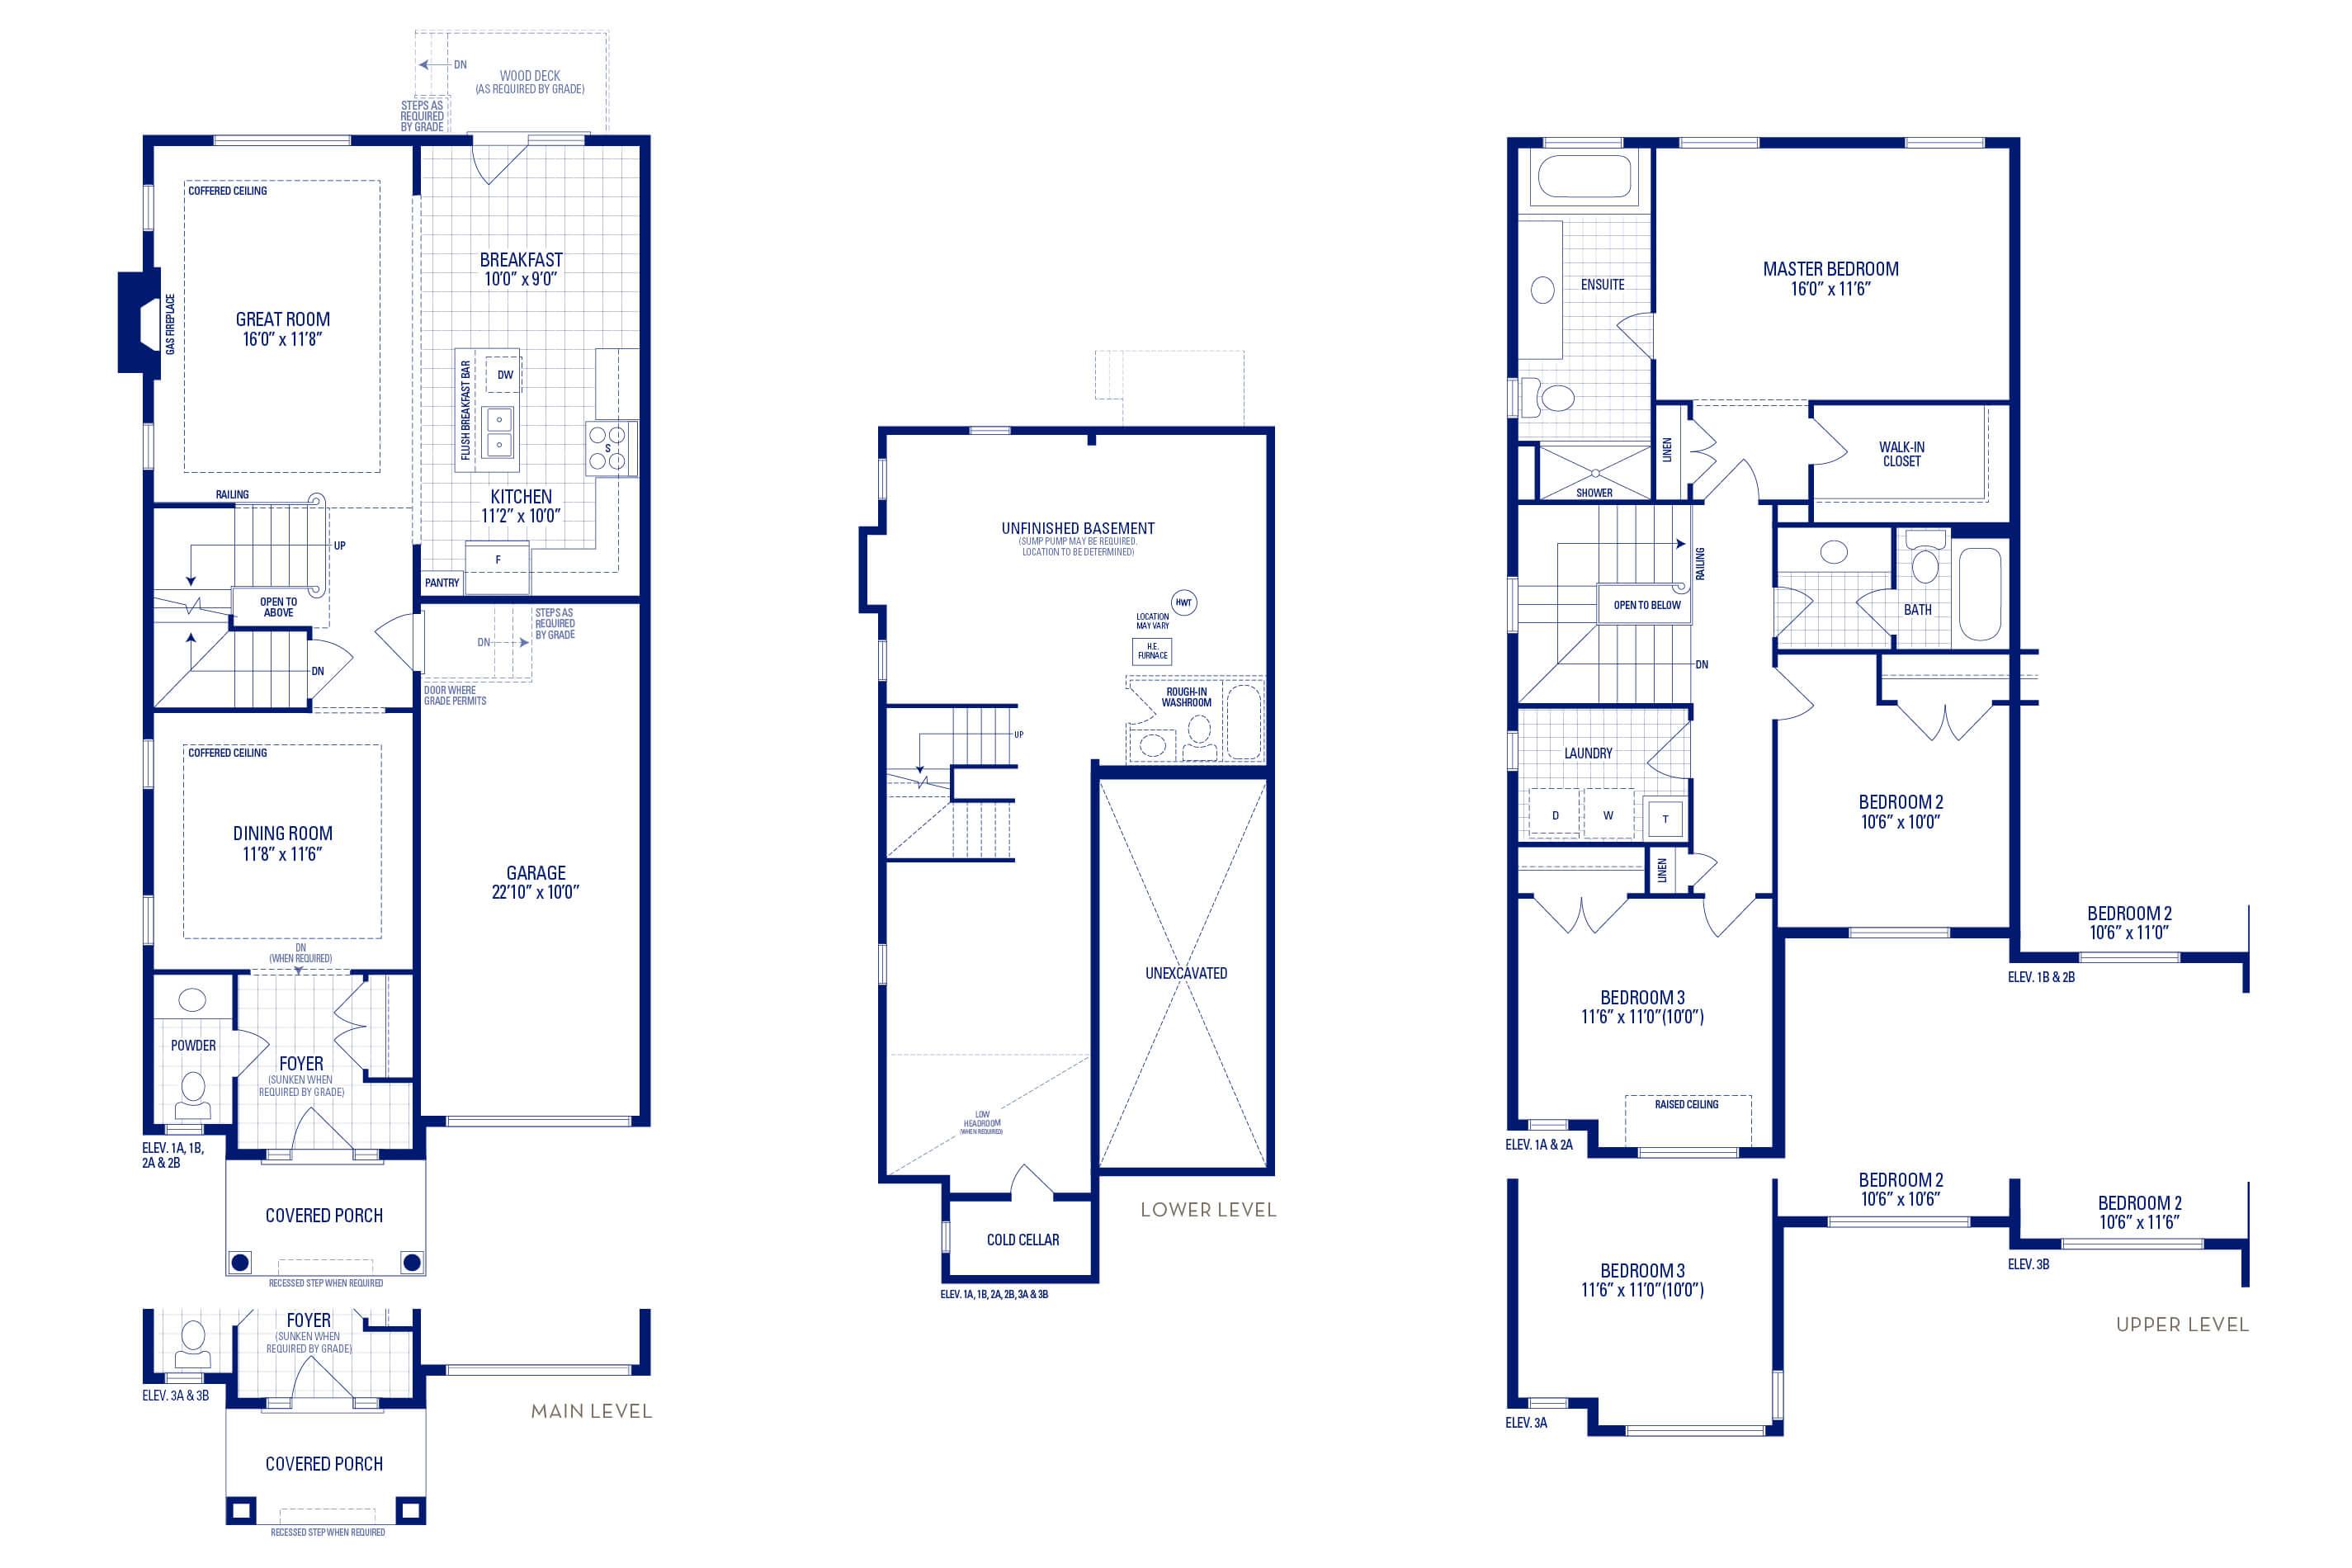 Heritage 02 Elev. 1B Floorplan